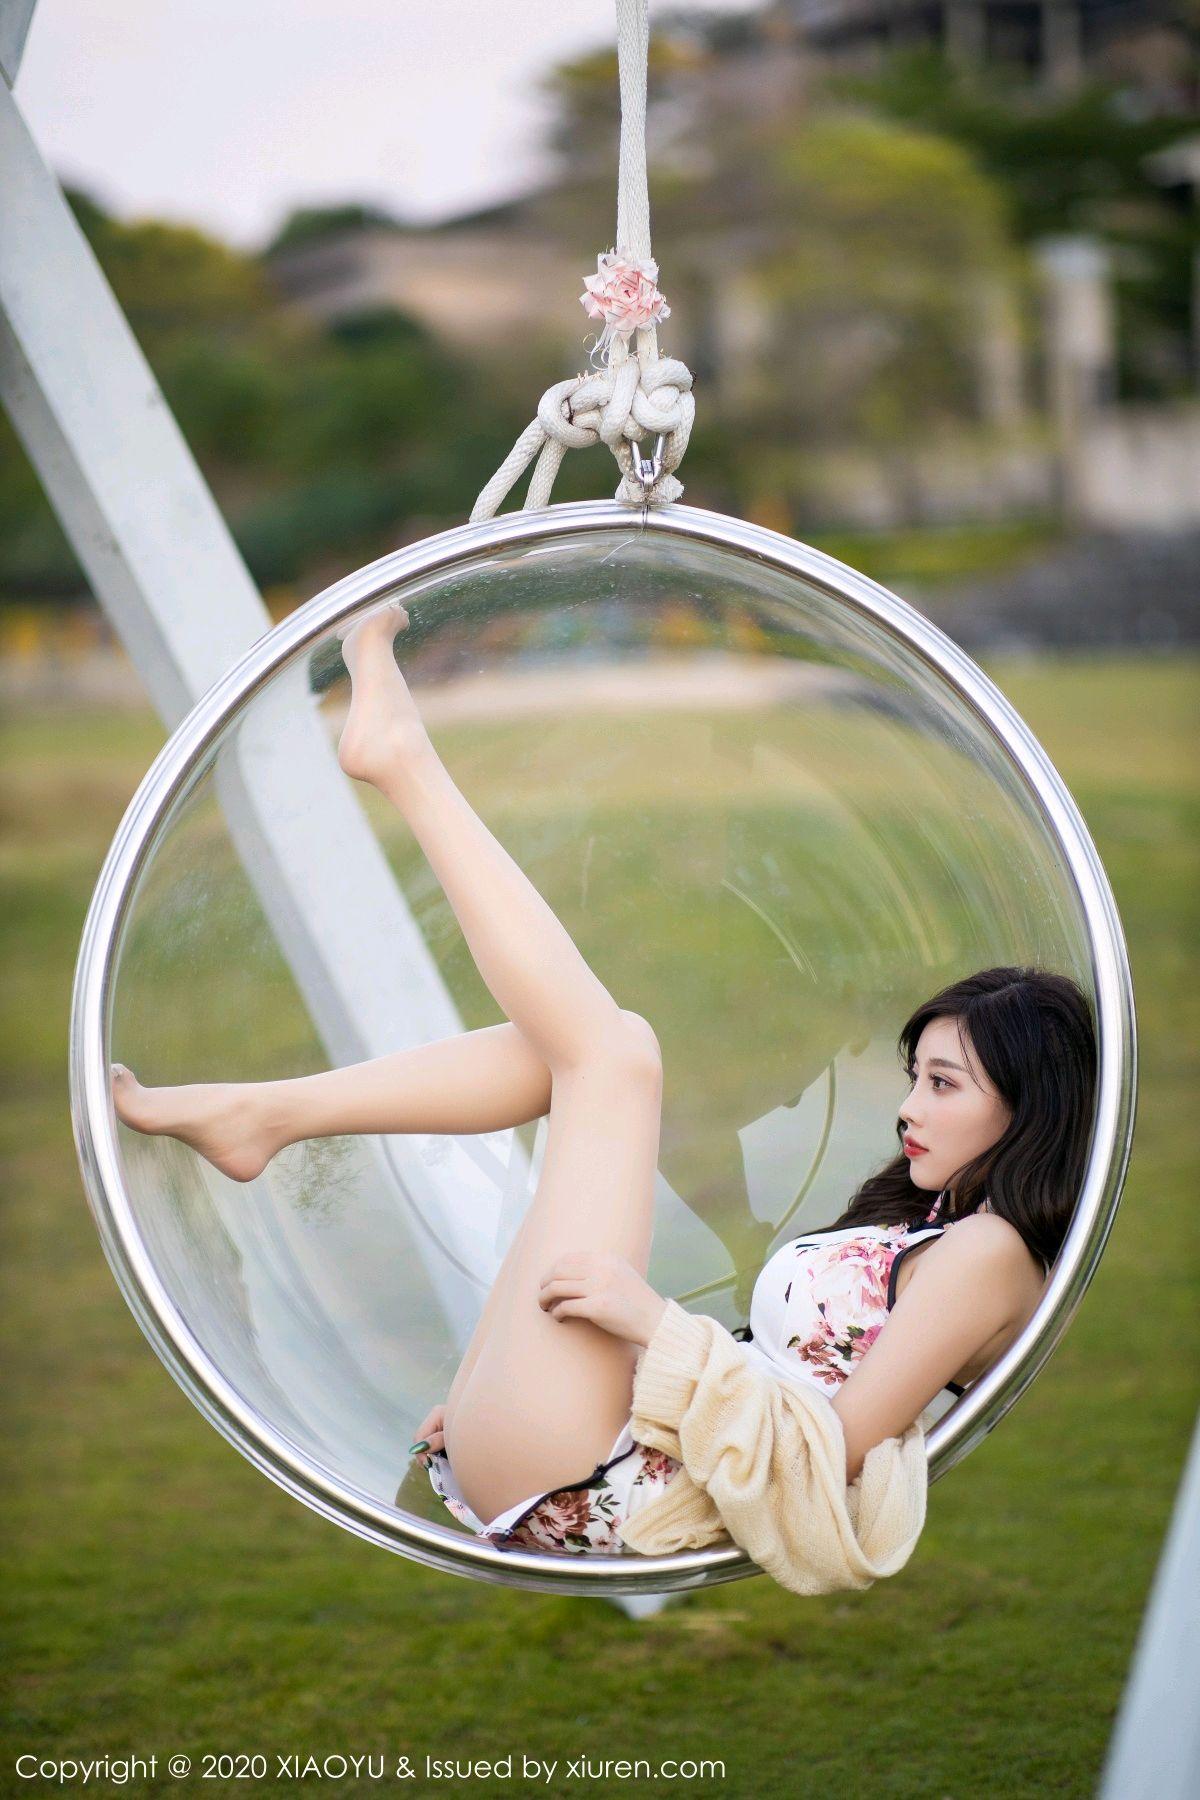 [XiaoYu] Vol.233 Yang Chen Chen 92P, Cheongsam, Foot, XiaoYu, Yang Chen Chen